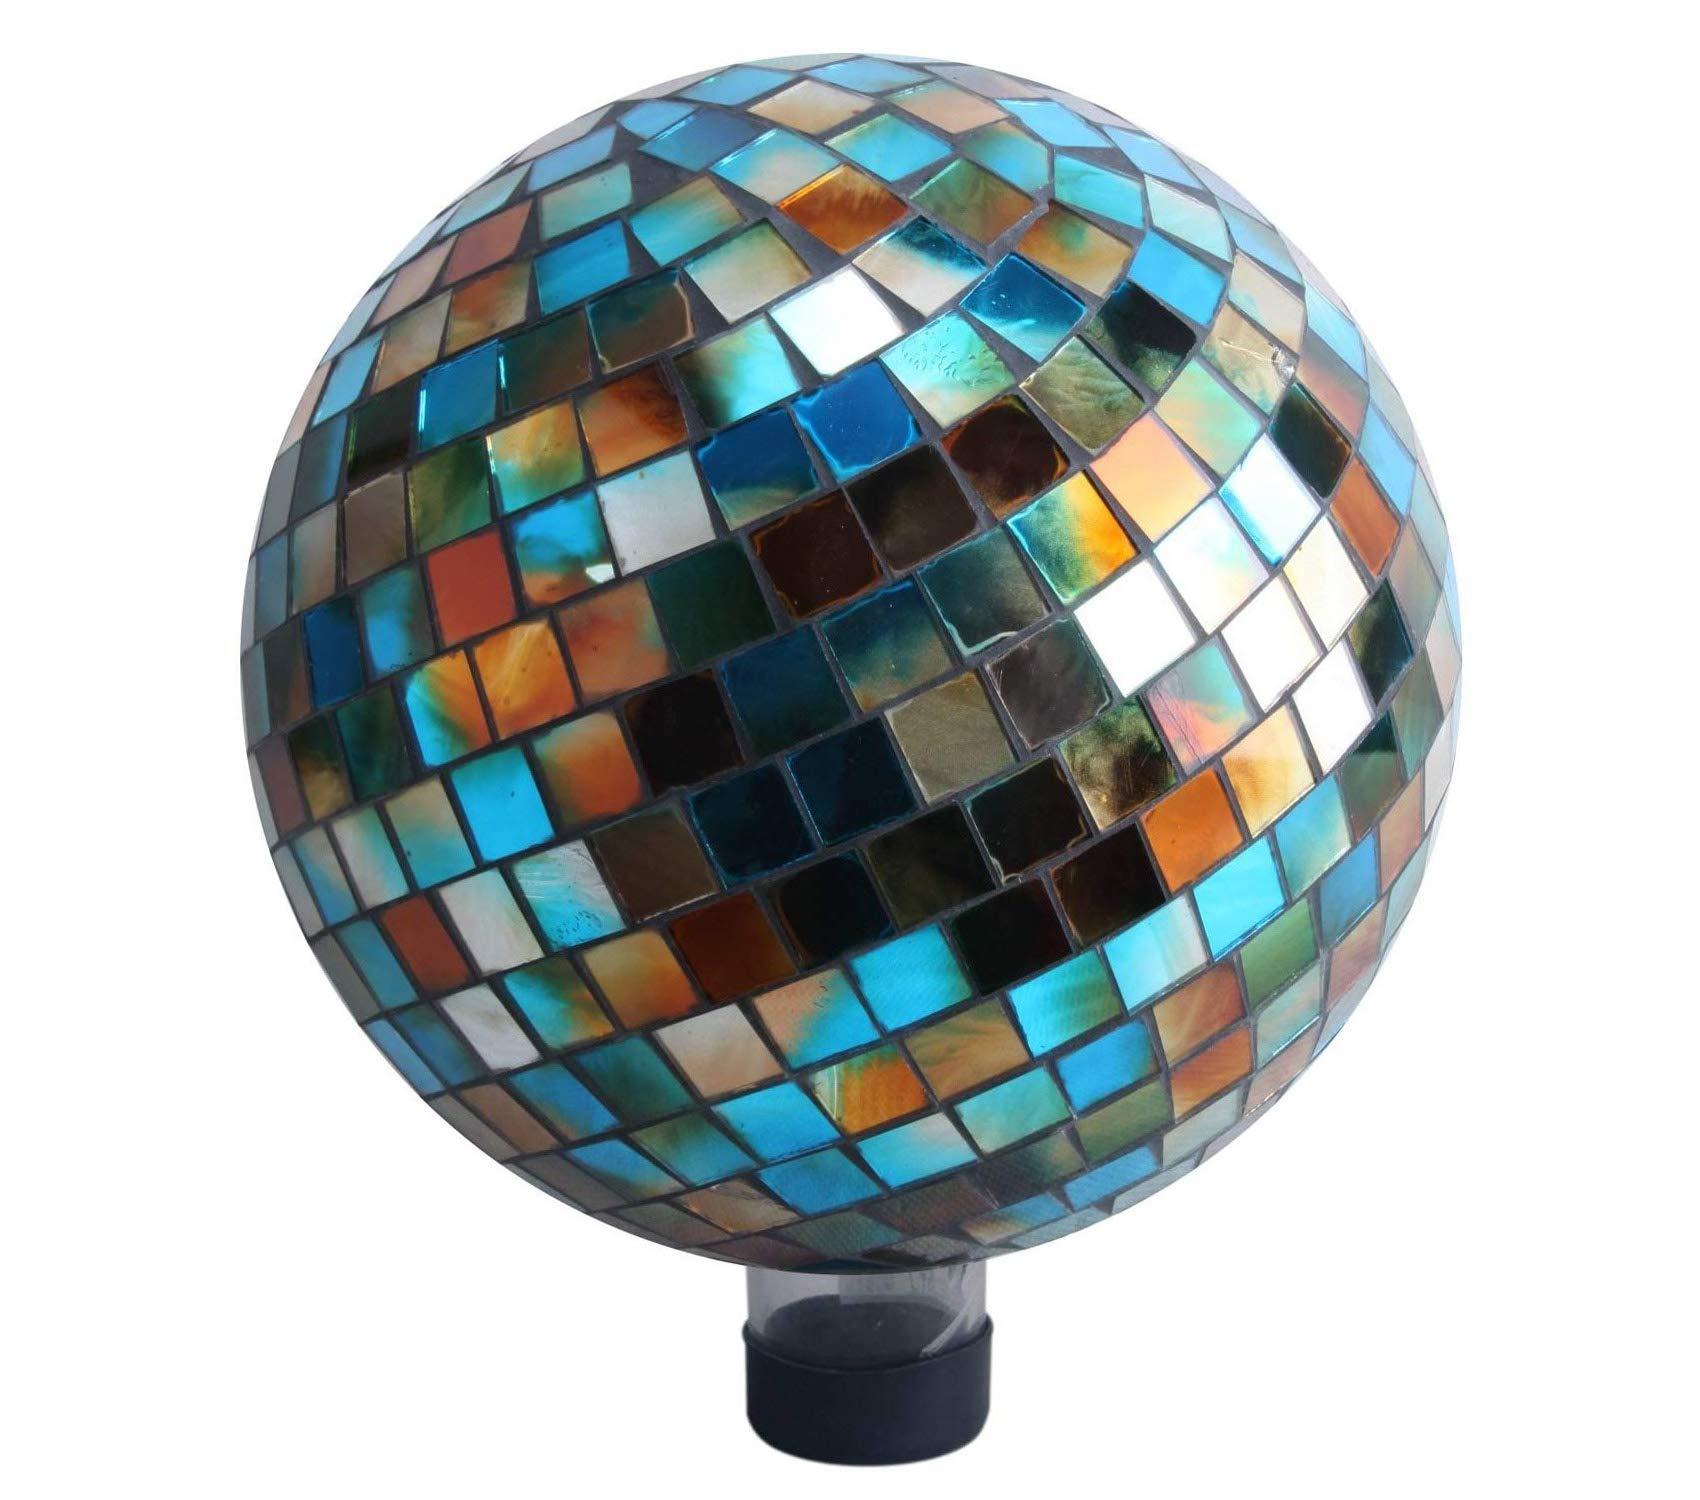 Outdoor Garden Backyard Décor Mosaic Gazing Ball, 10-Inch, Blue/Amber